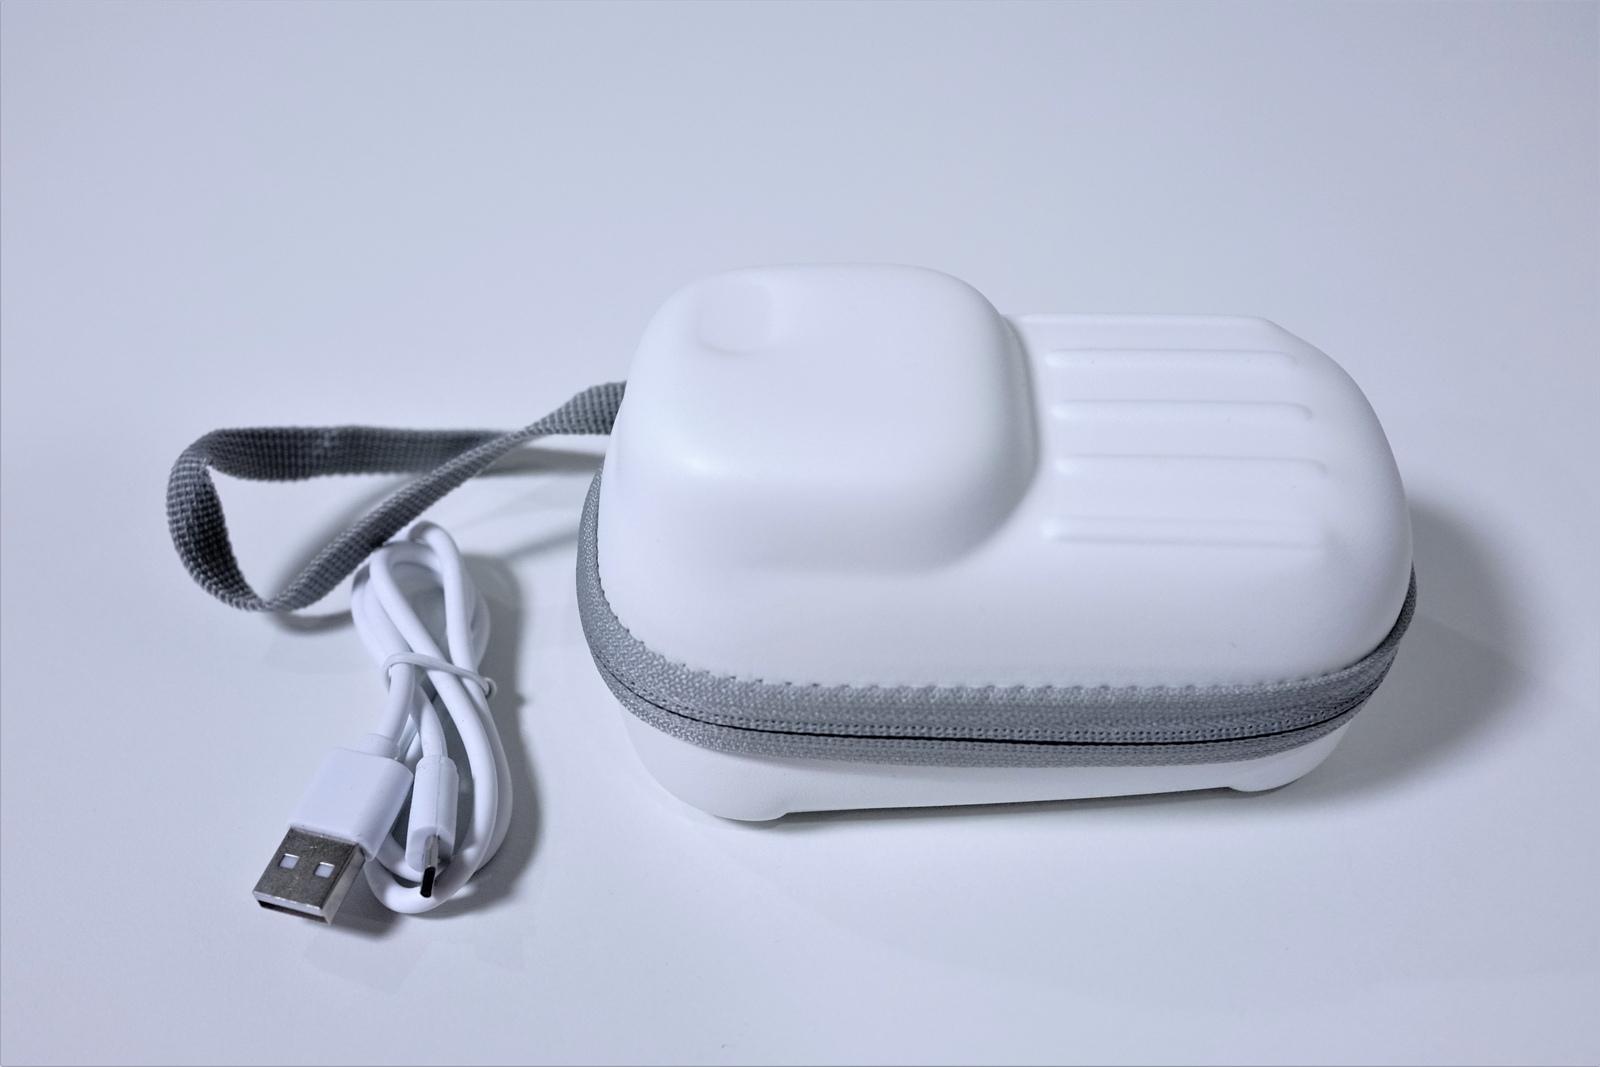 Dreamegg 首掛け扇風機 HD-E12 レビュー 持ち運びに便利なキャリングケースつき